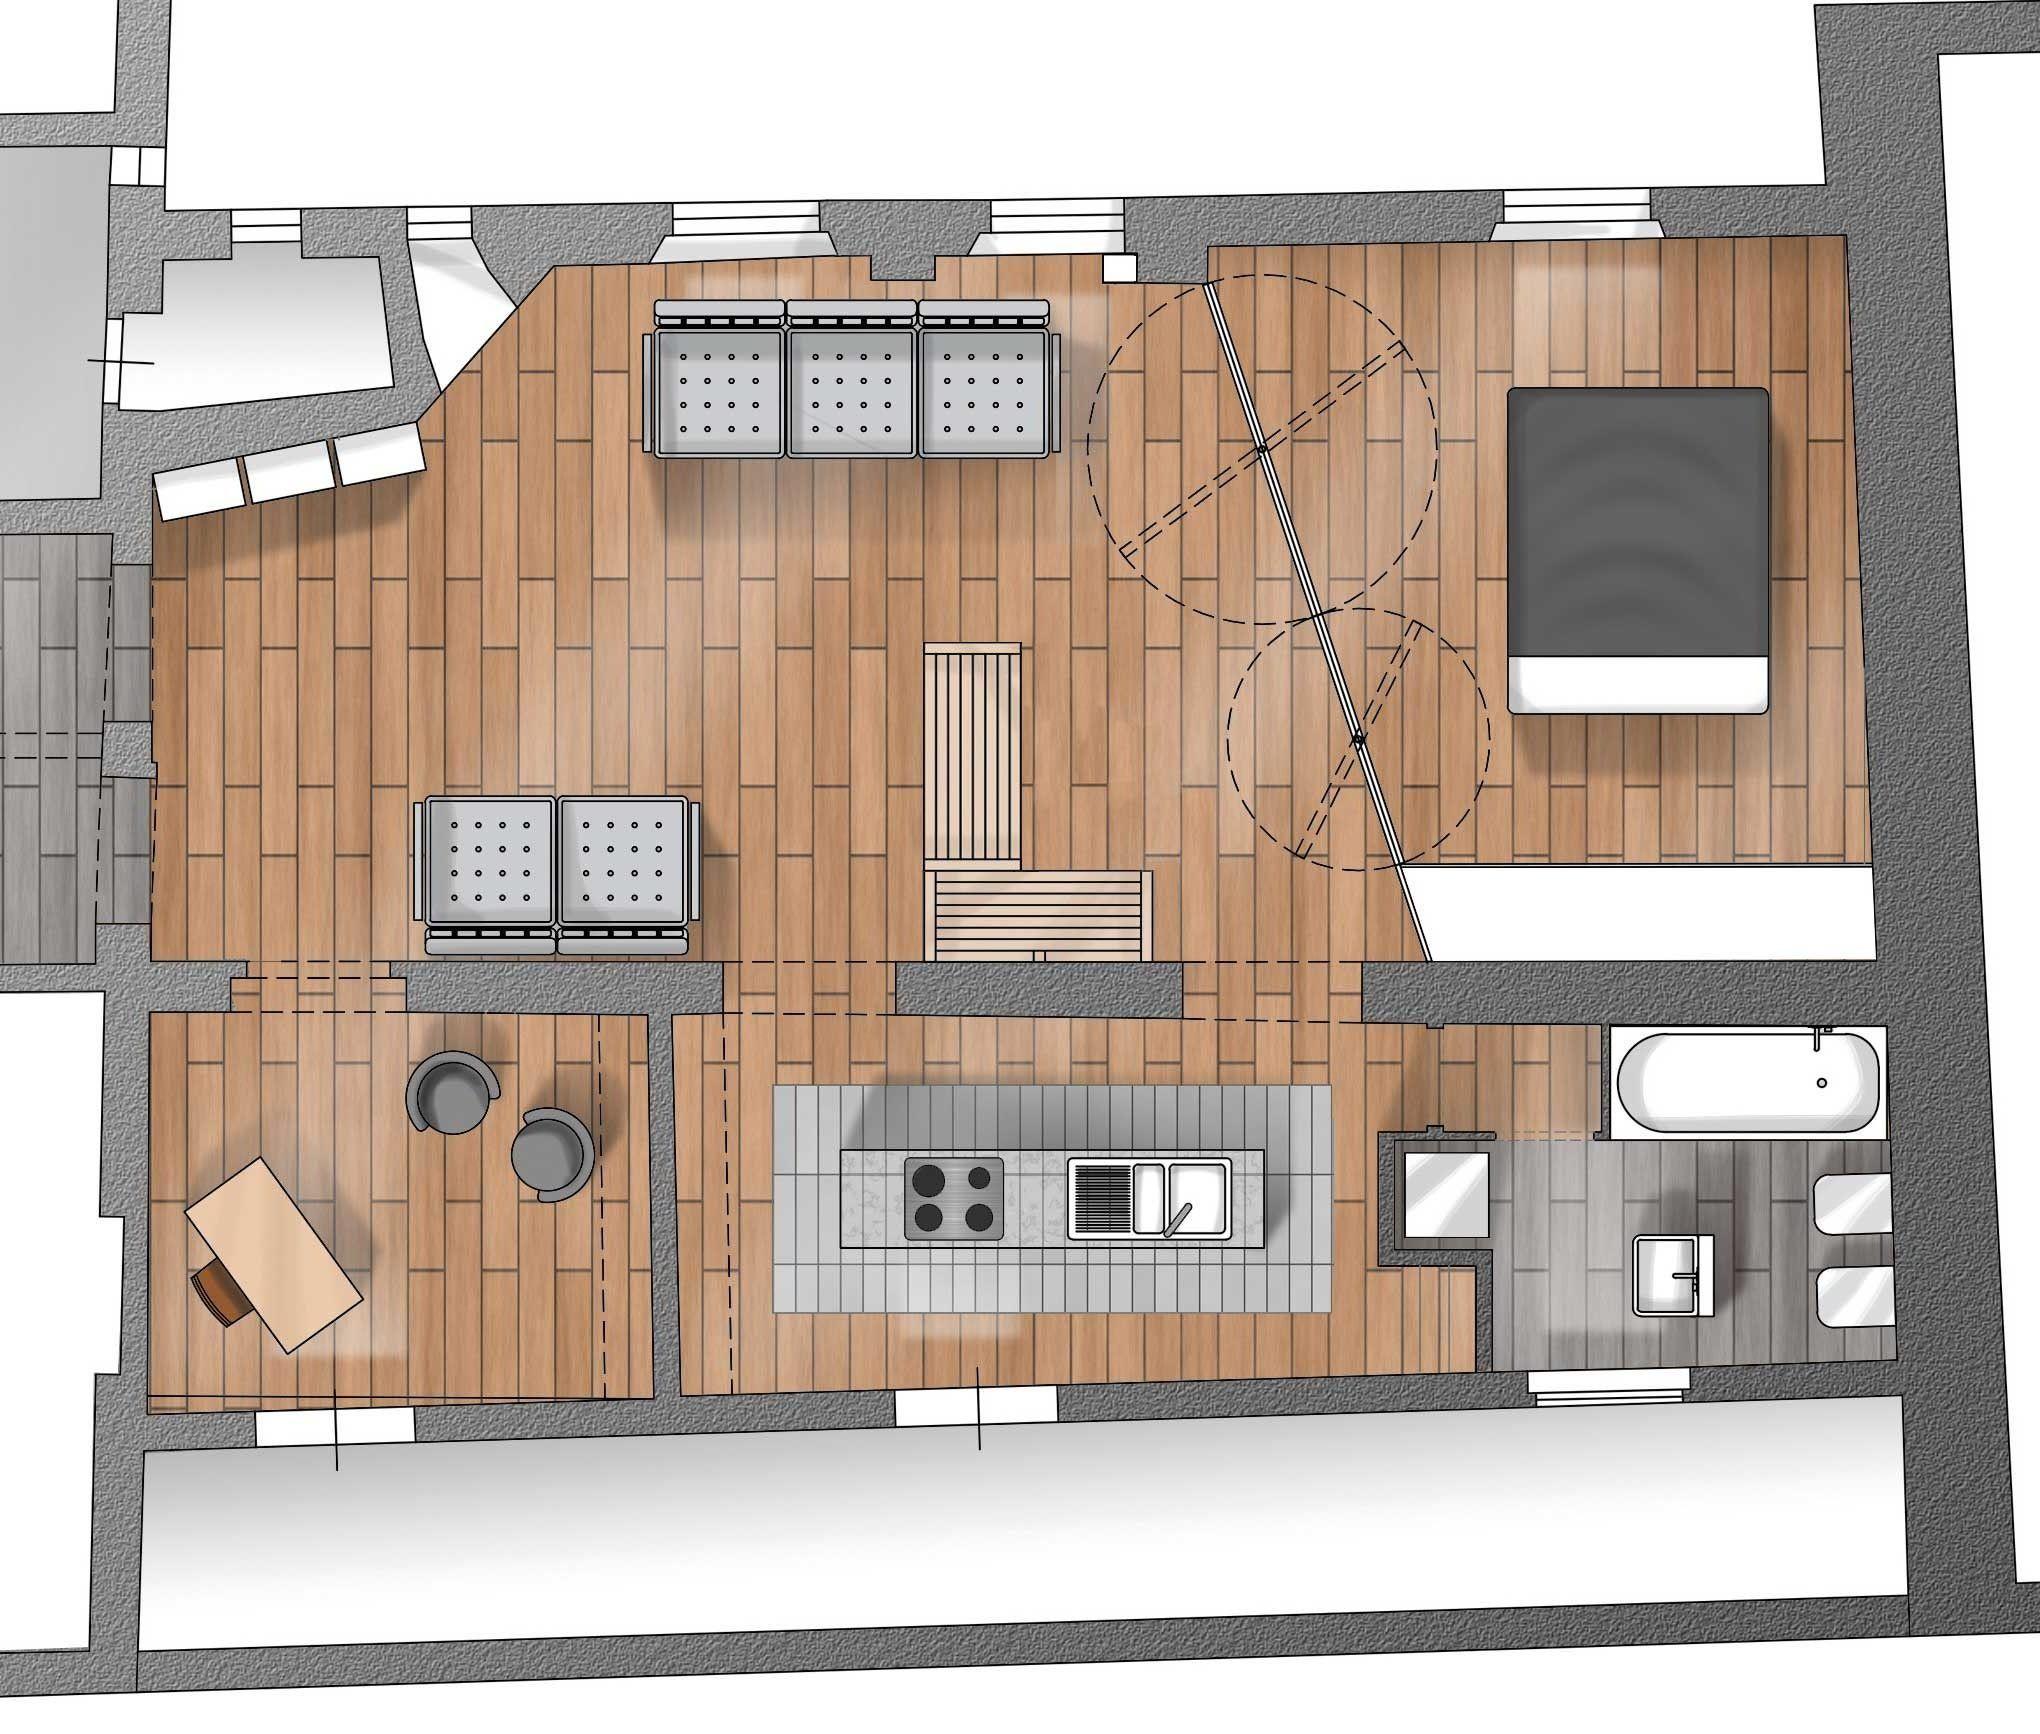 Casa 80 Mq Pianta 80 mq con pareti apribili che trasformano l'open space in